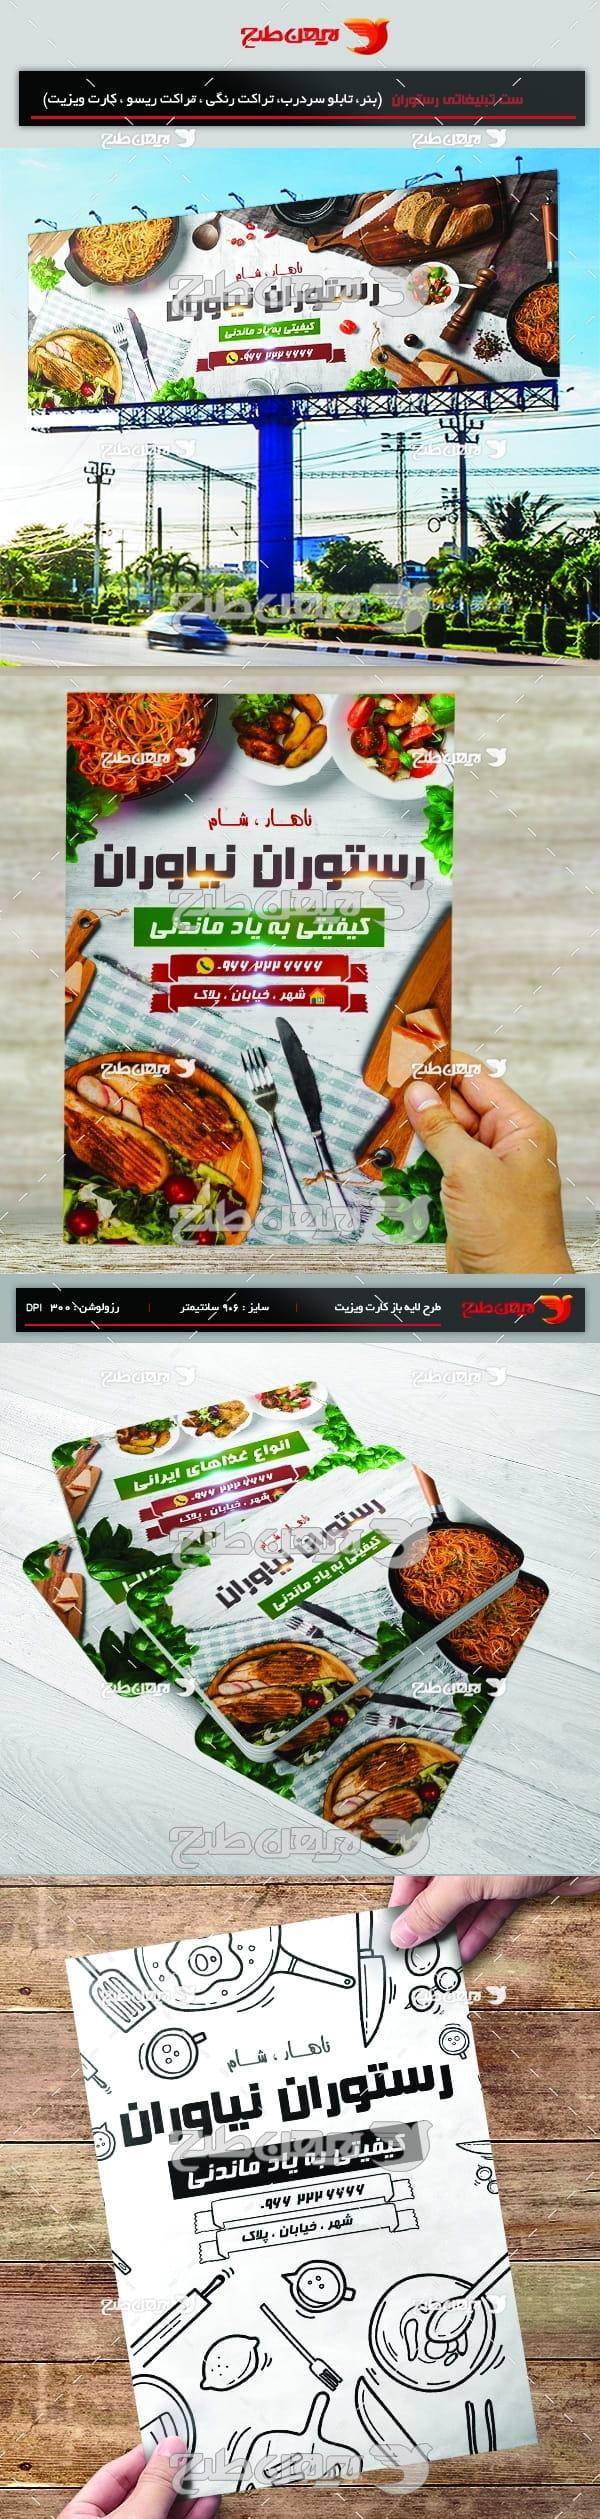 طرح لایه باز ست تبلیغاتی رستوران نیاوران